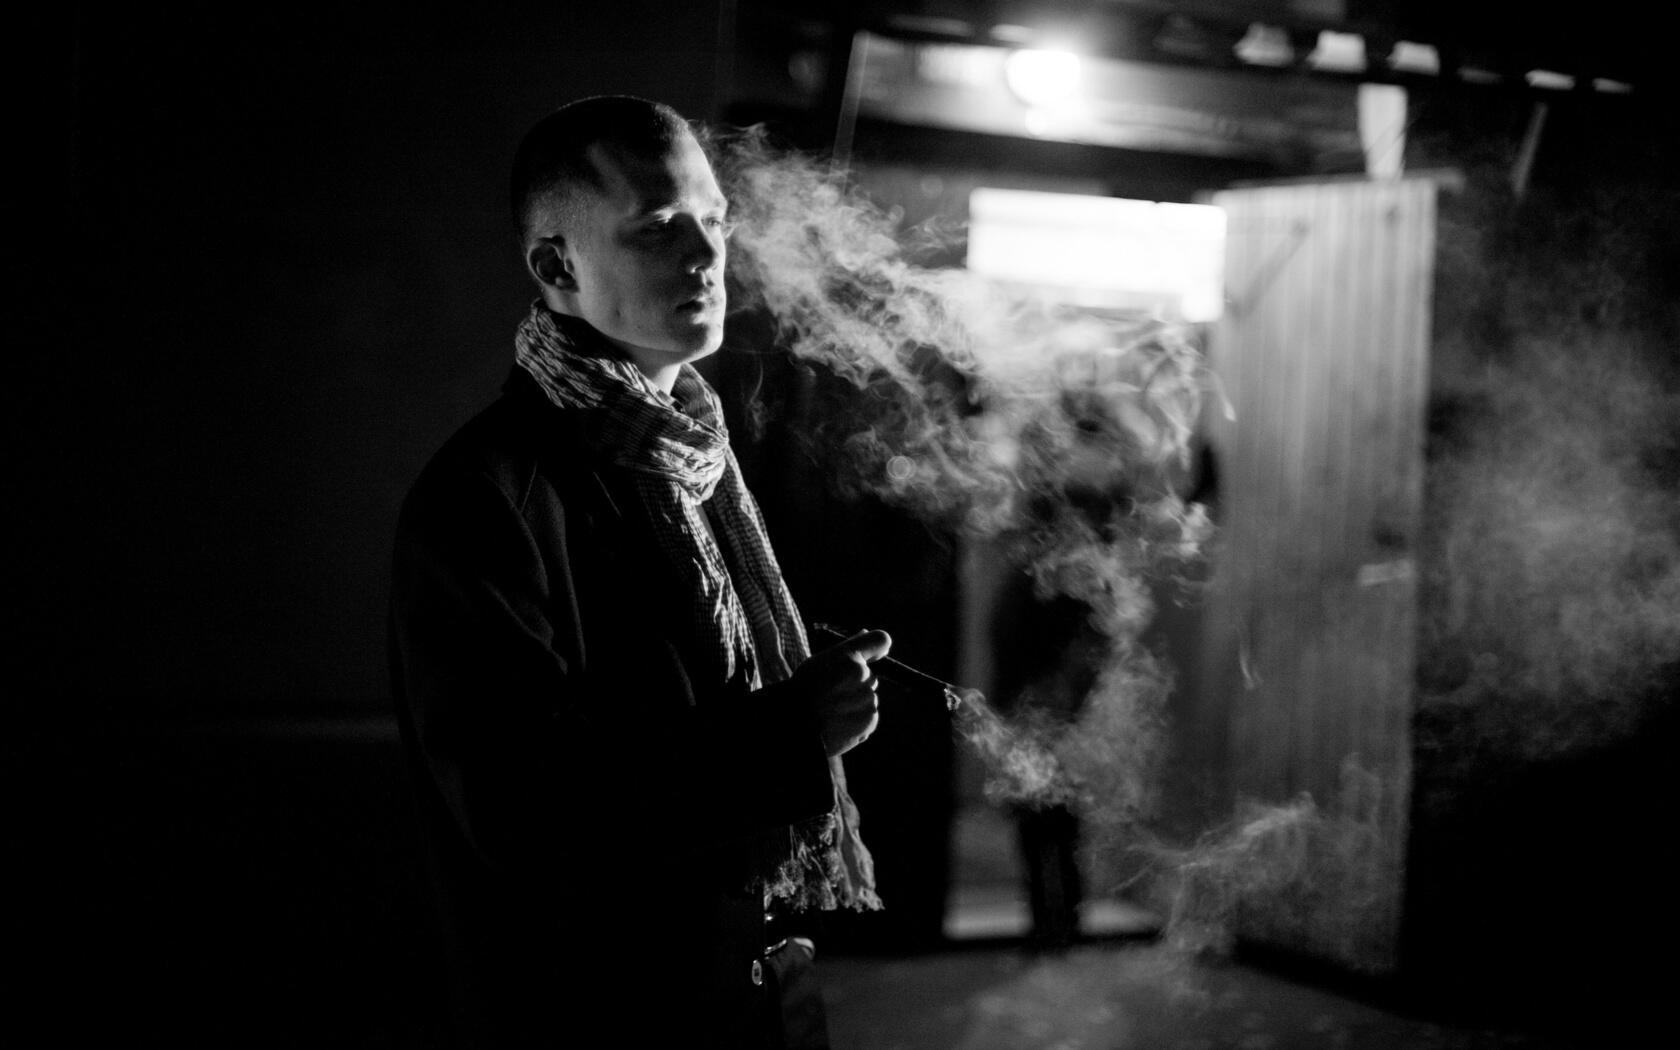 В руке дрожащей тлеет сигарета